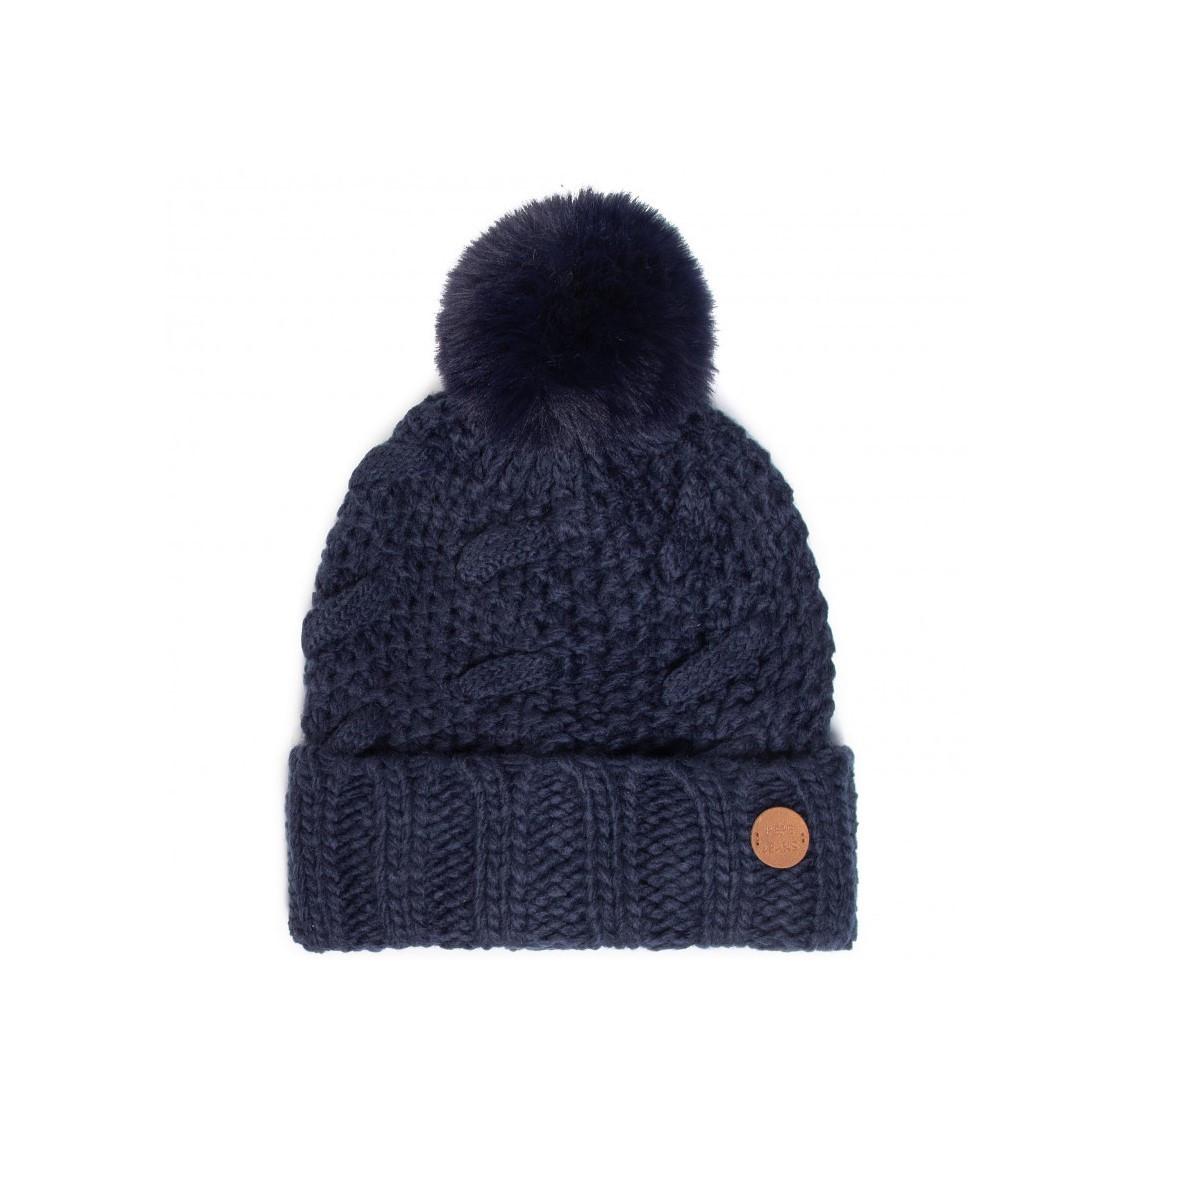 Pepe Jeans dámská tmavě modrá čepice SOFIA HAT